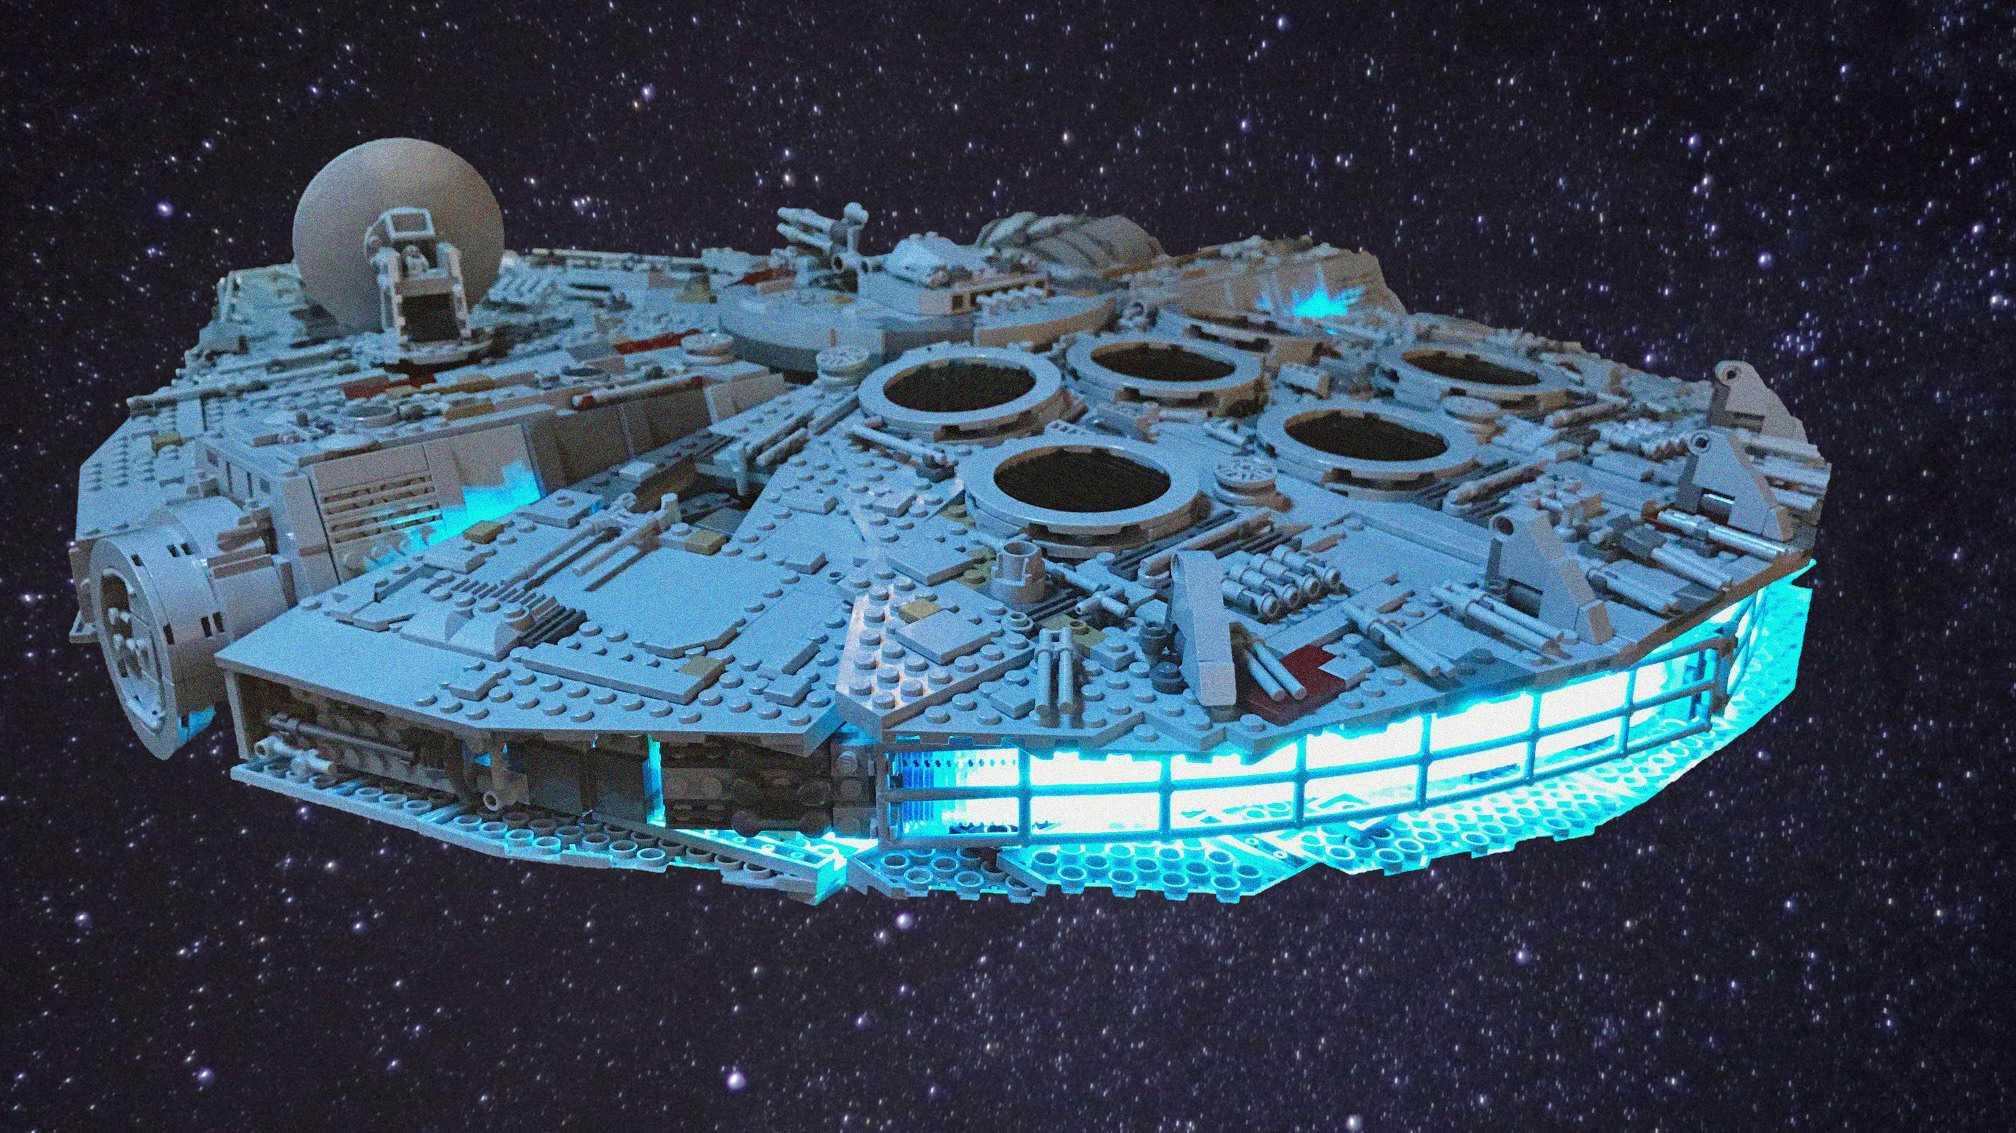 Zeitraffer: Lego Millennium Falcon in Rekordzeit gebaut